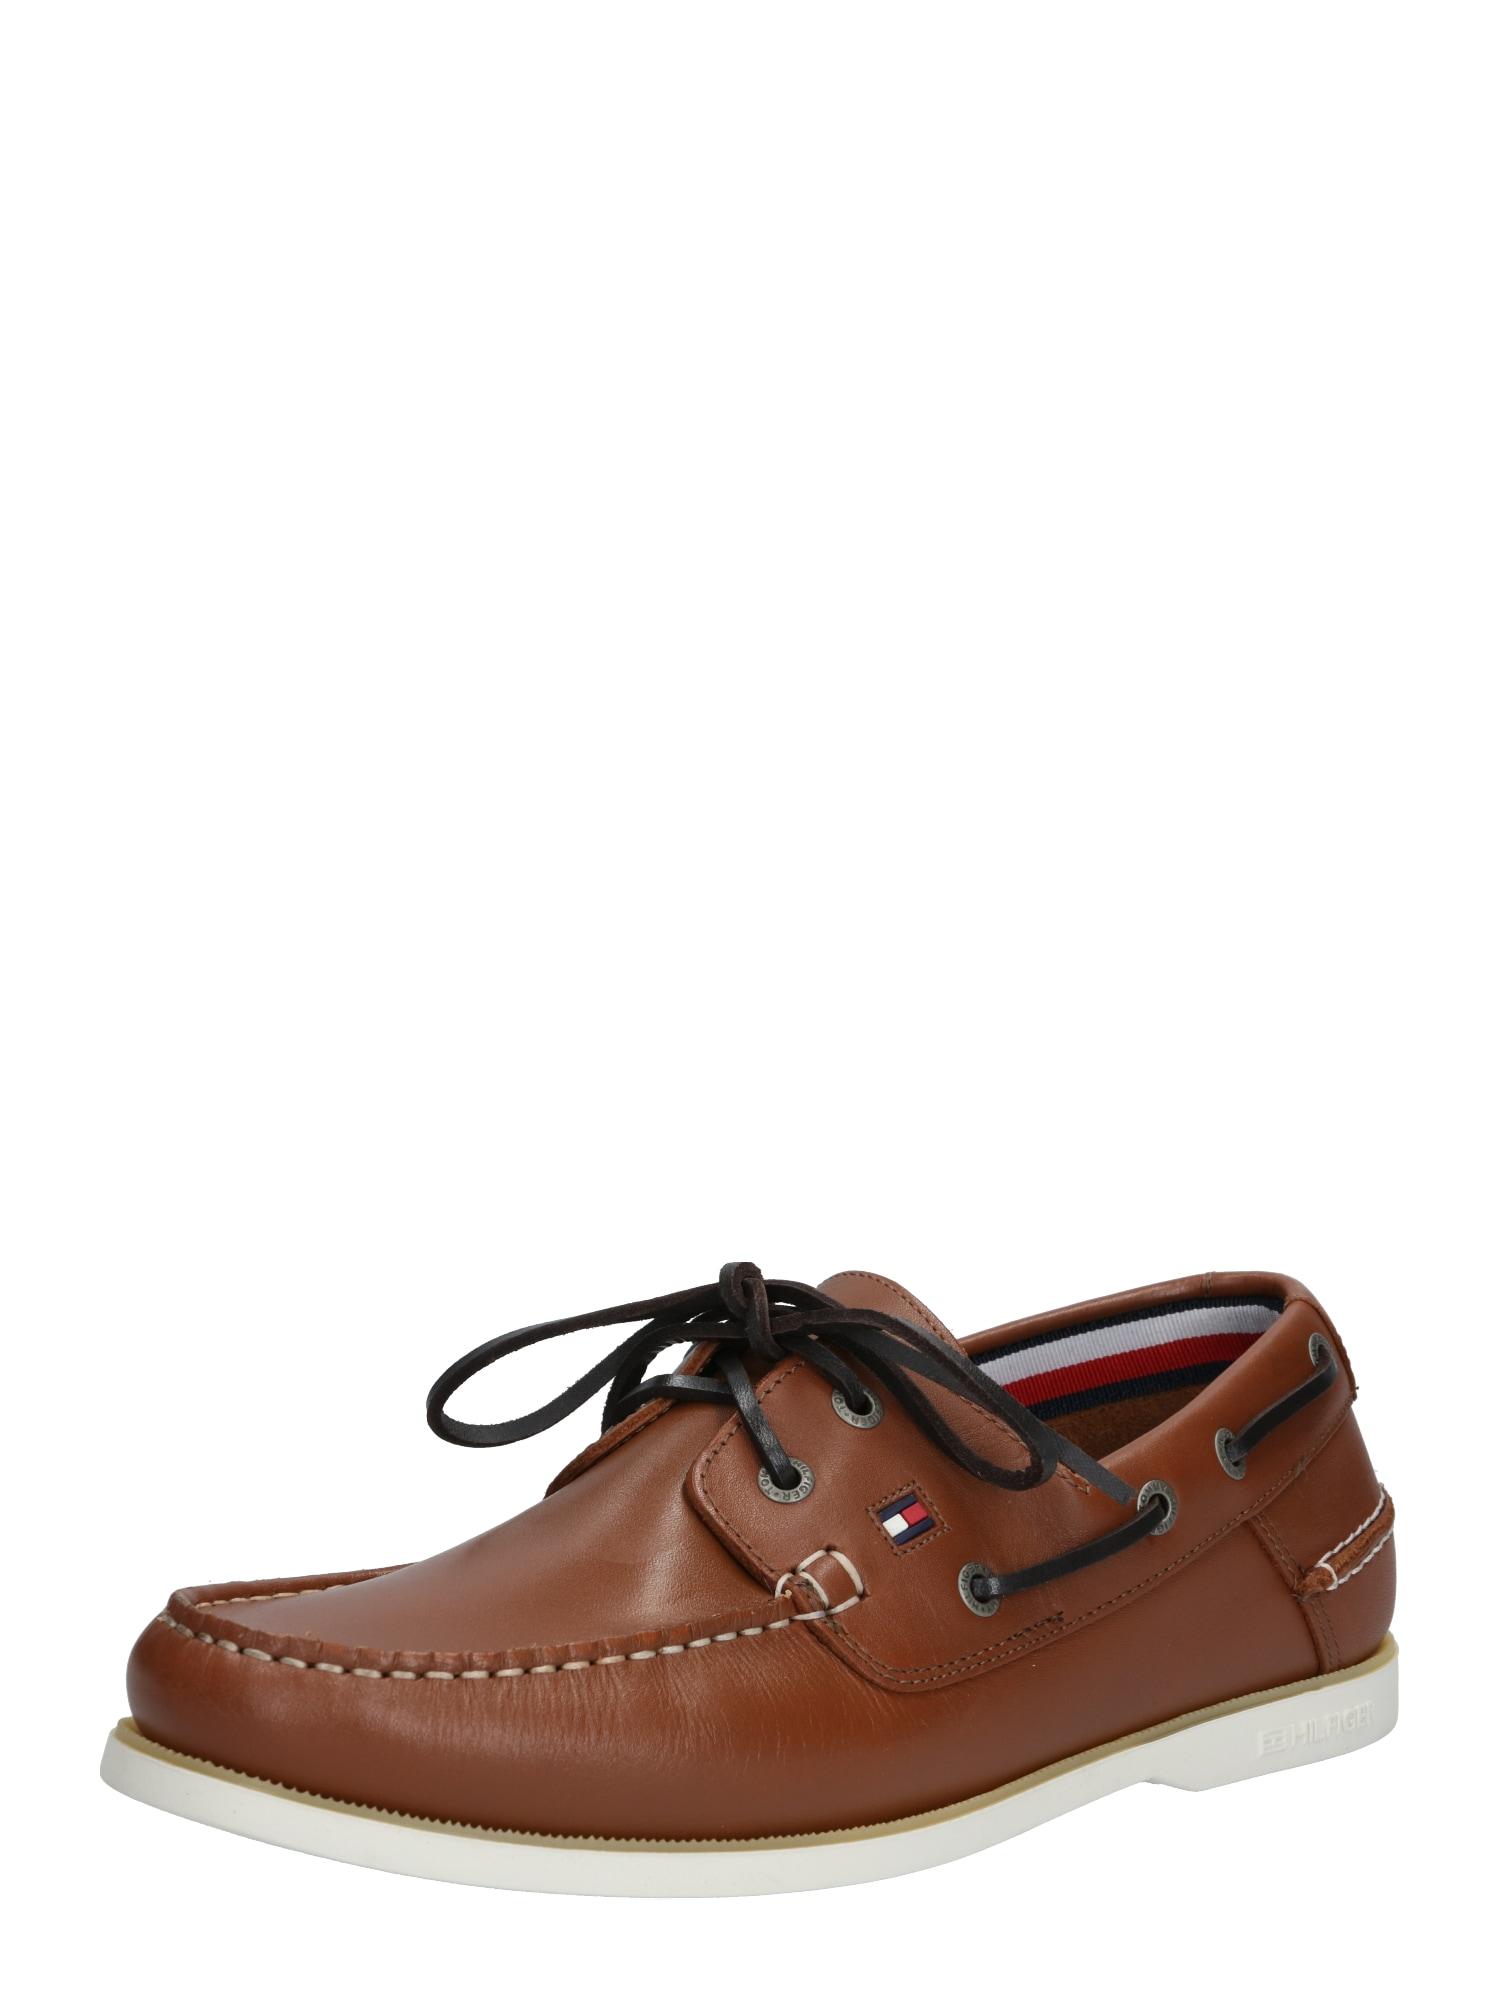 TOMMY HILFIGER Sportinio stiliaus batai su raišteliais ruda (konjako)